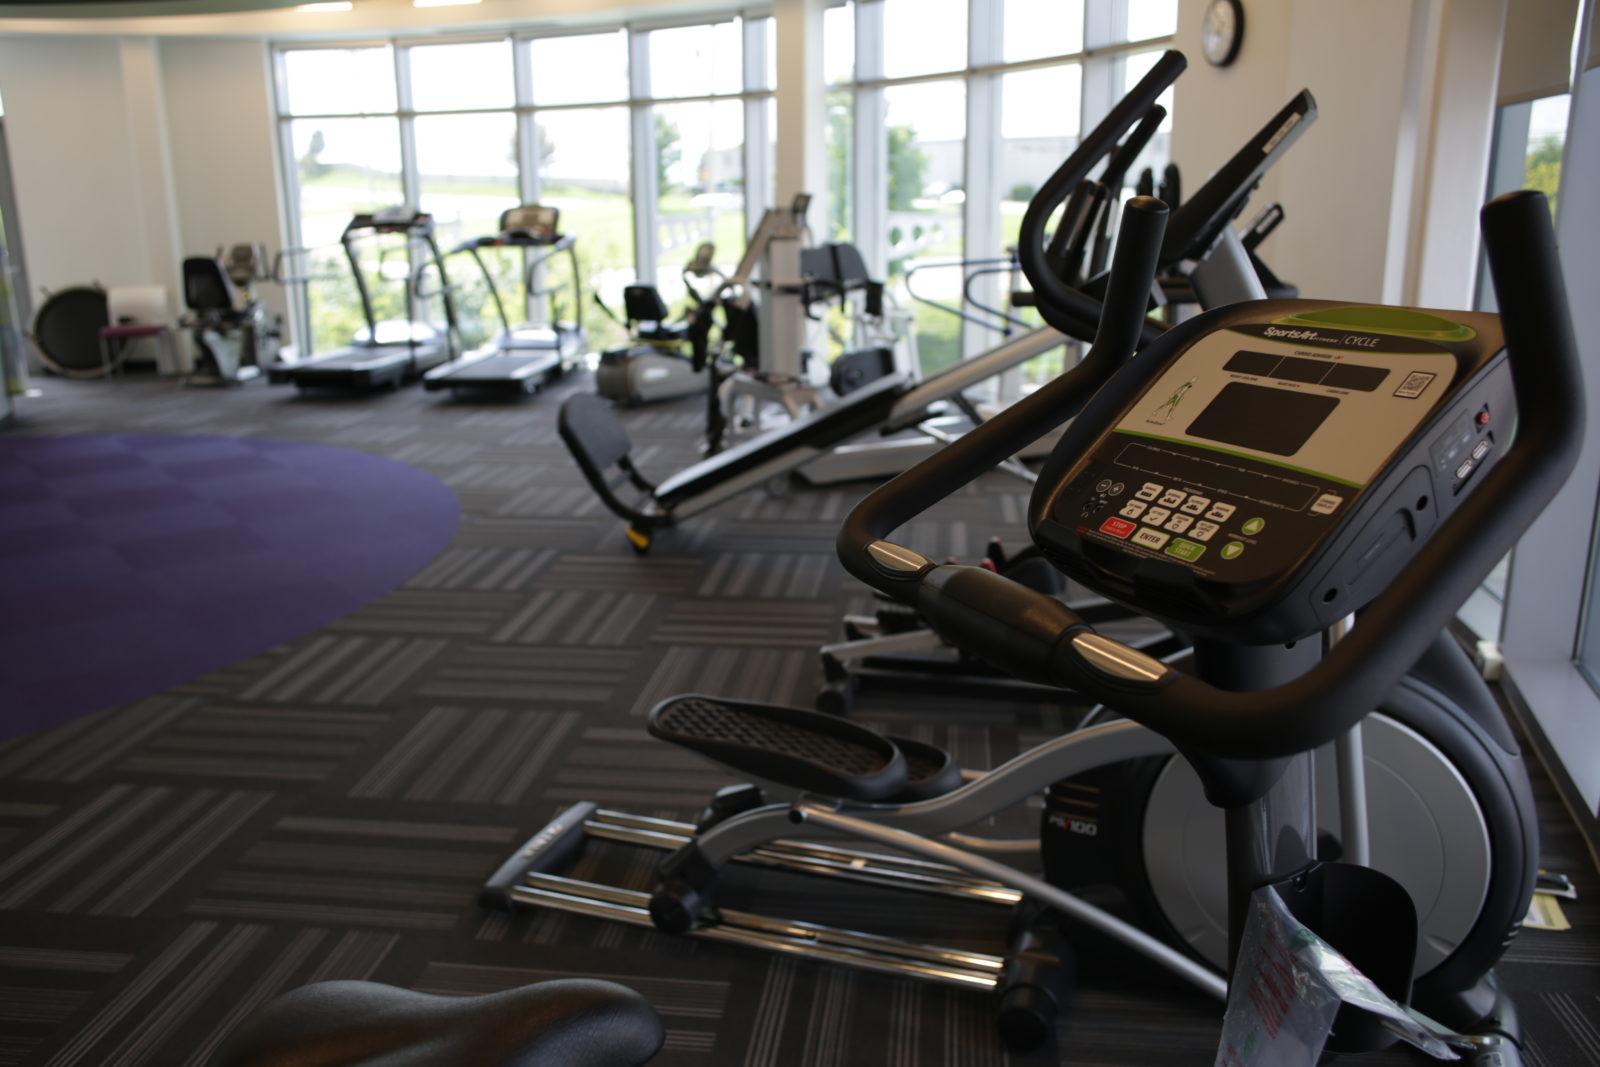 The Wellness Center at Ranken Jordan